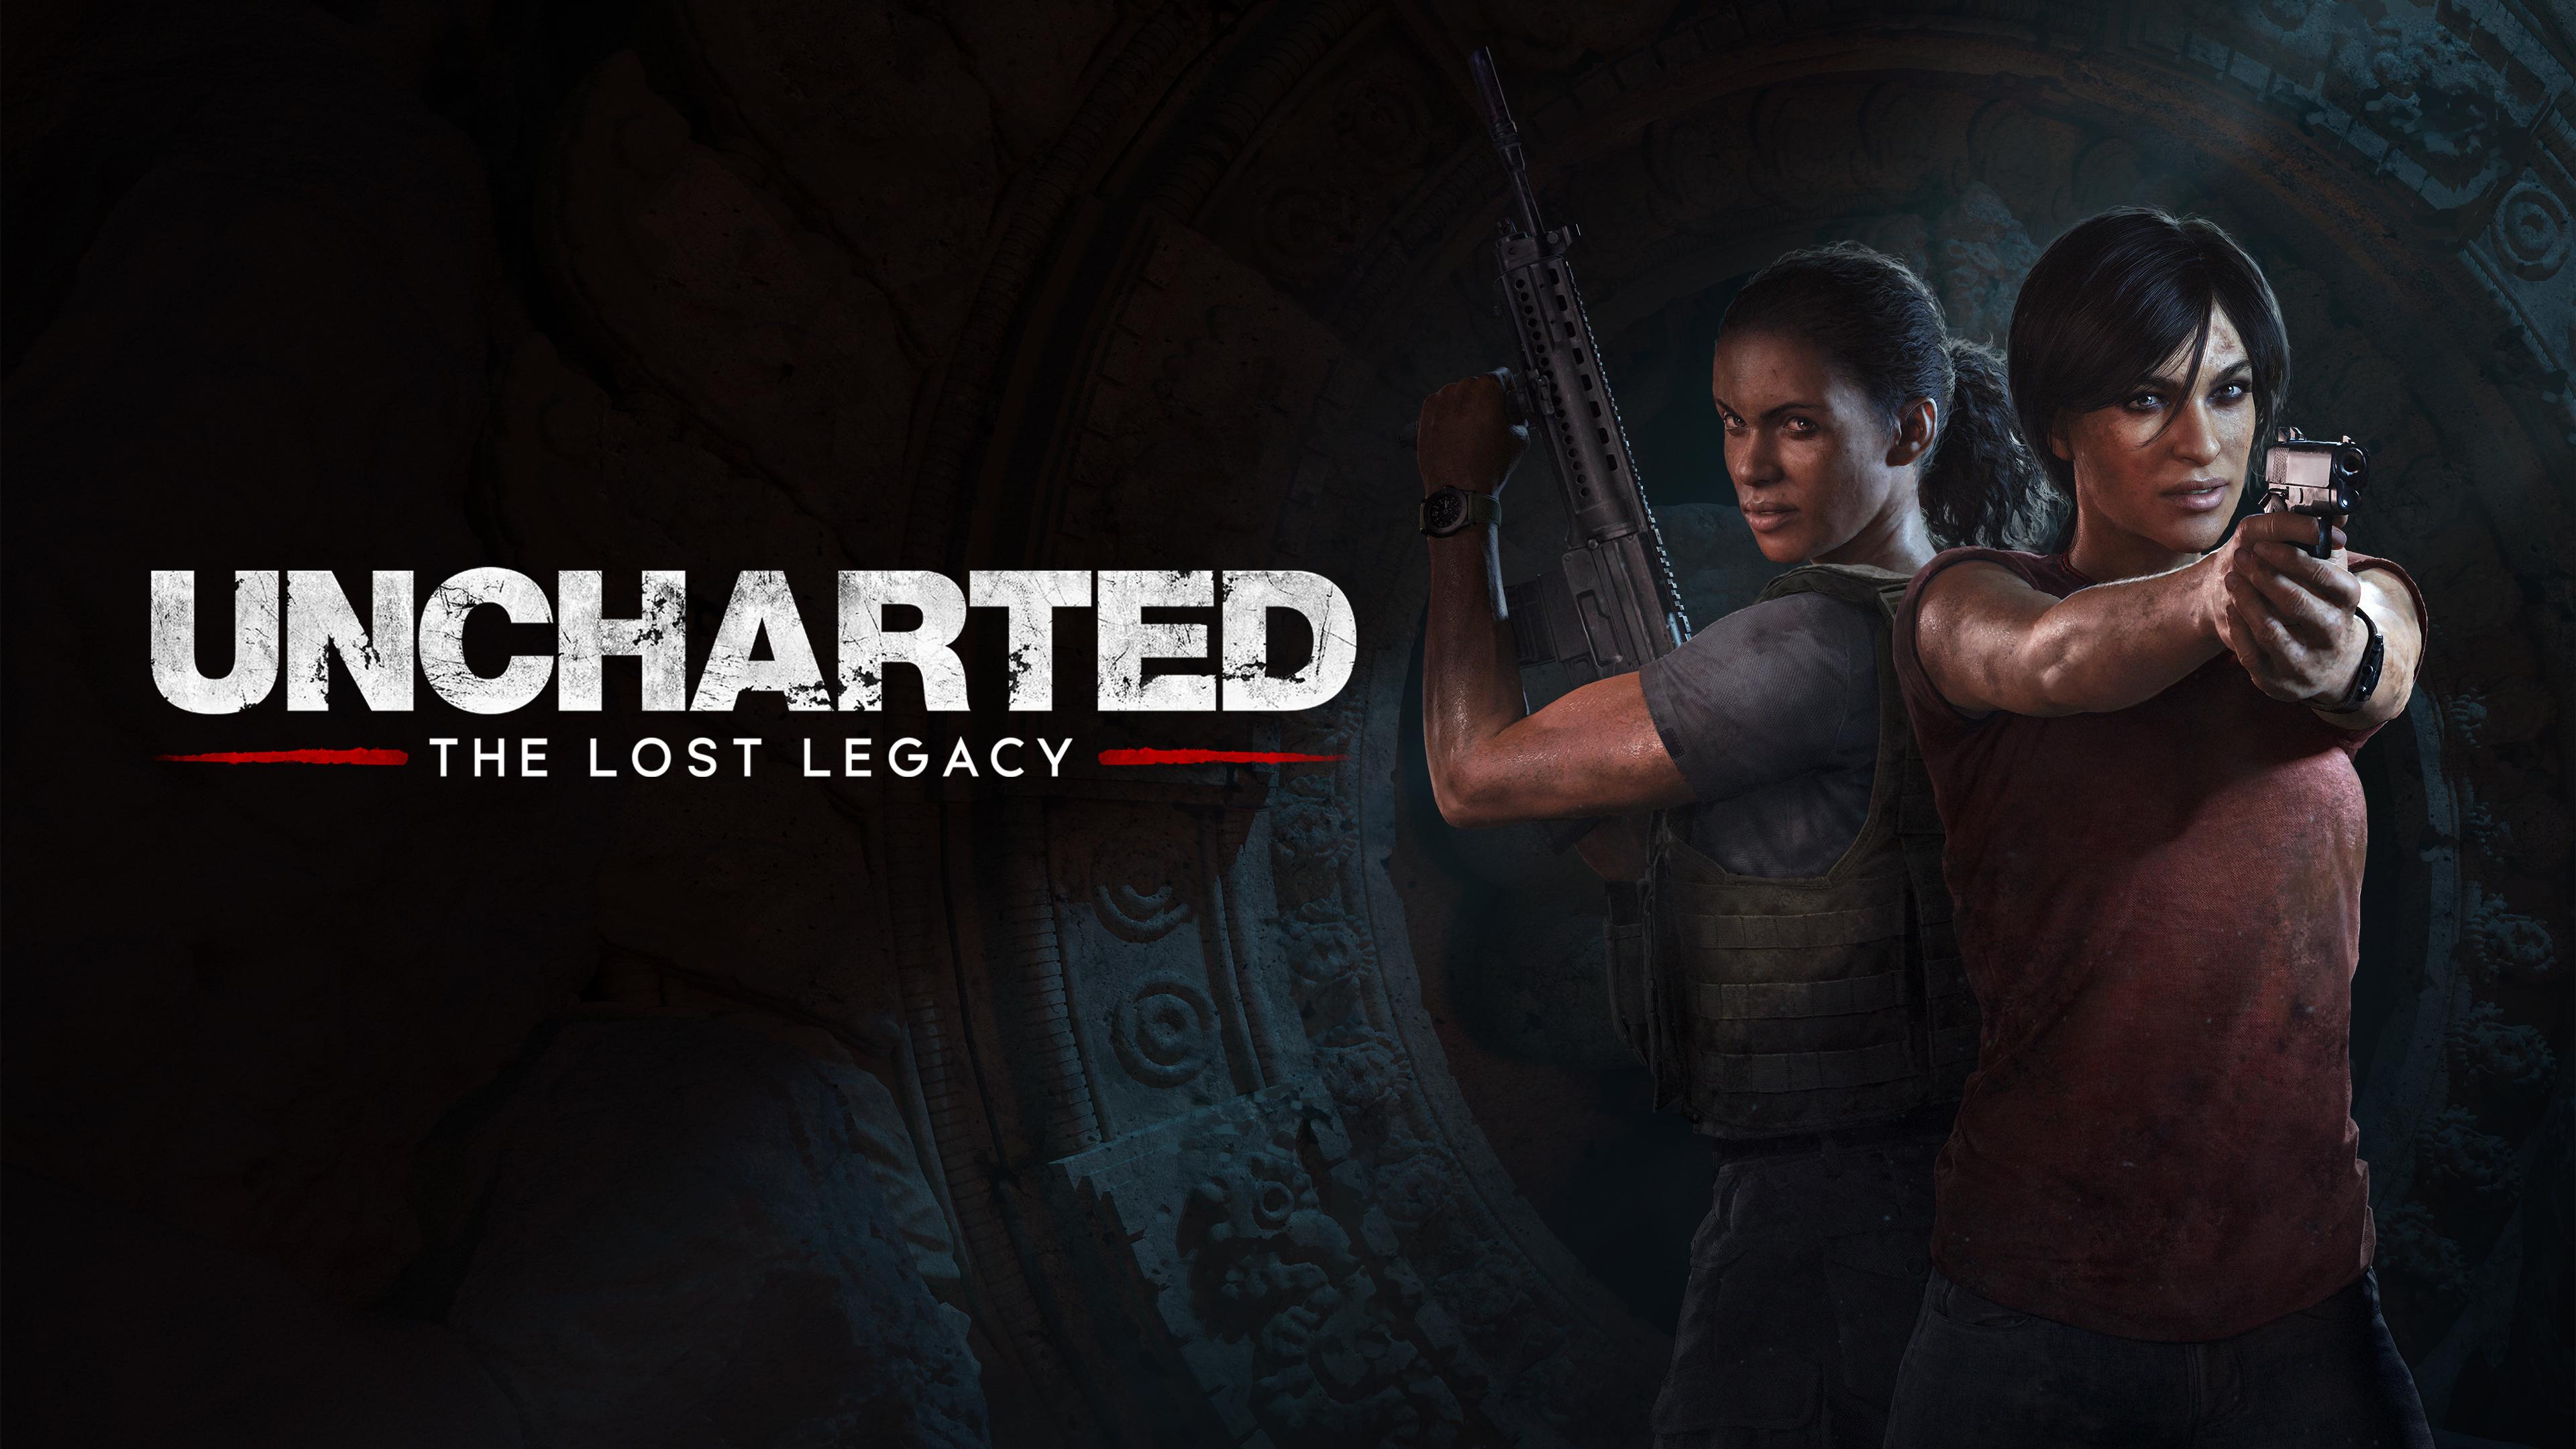 Nuevos detalles surgen sobre Uncharted: The Lost Legacy